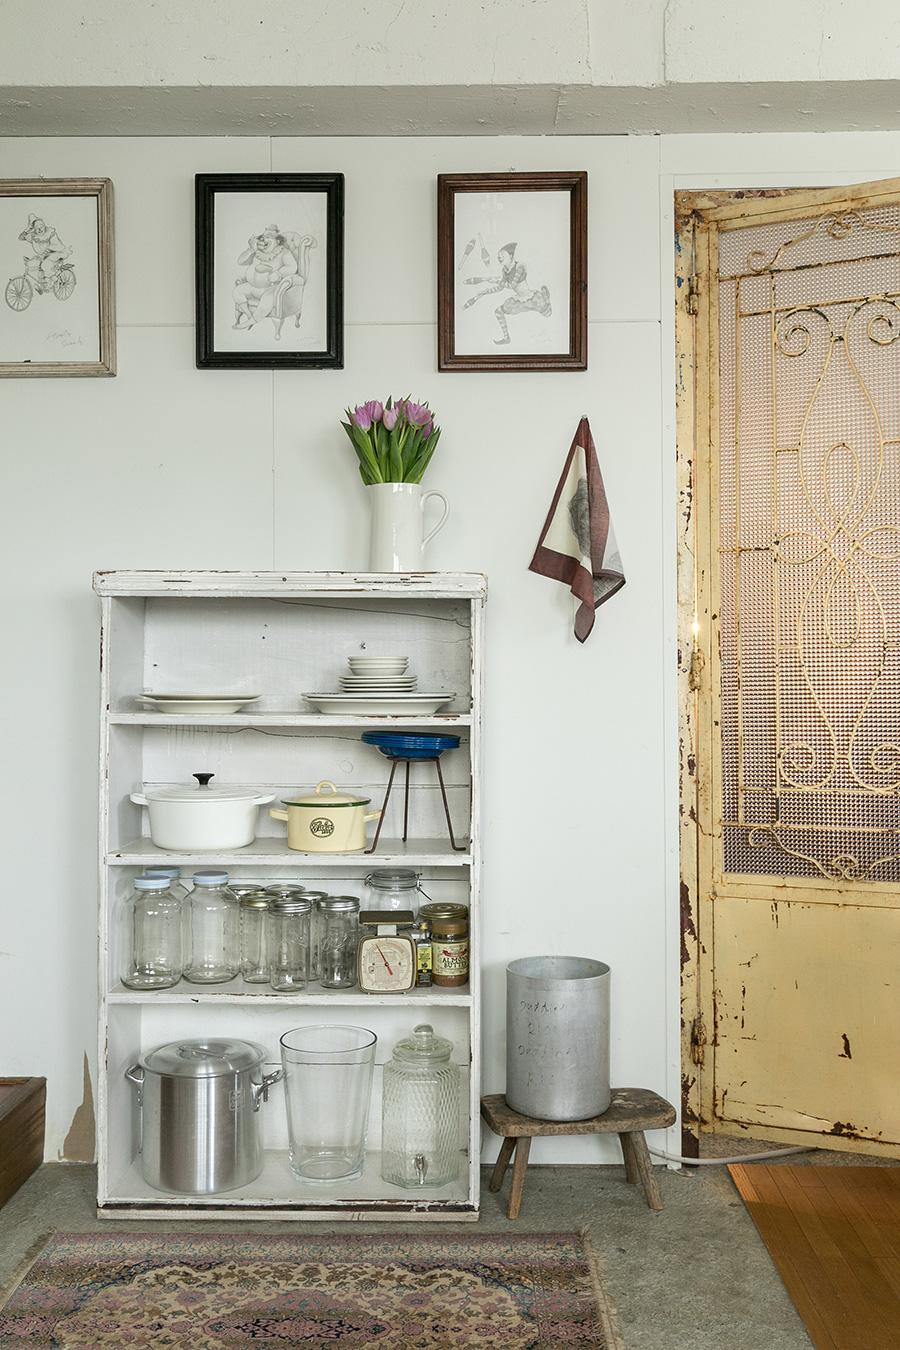 棚と壁に飾ったピエロのフレームのリズム感が美しい。